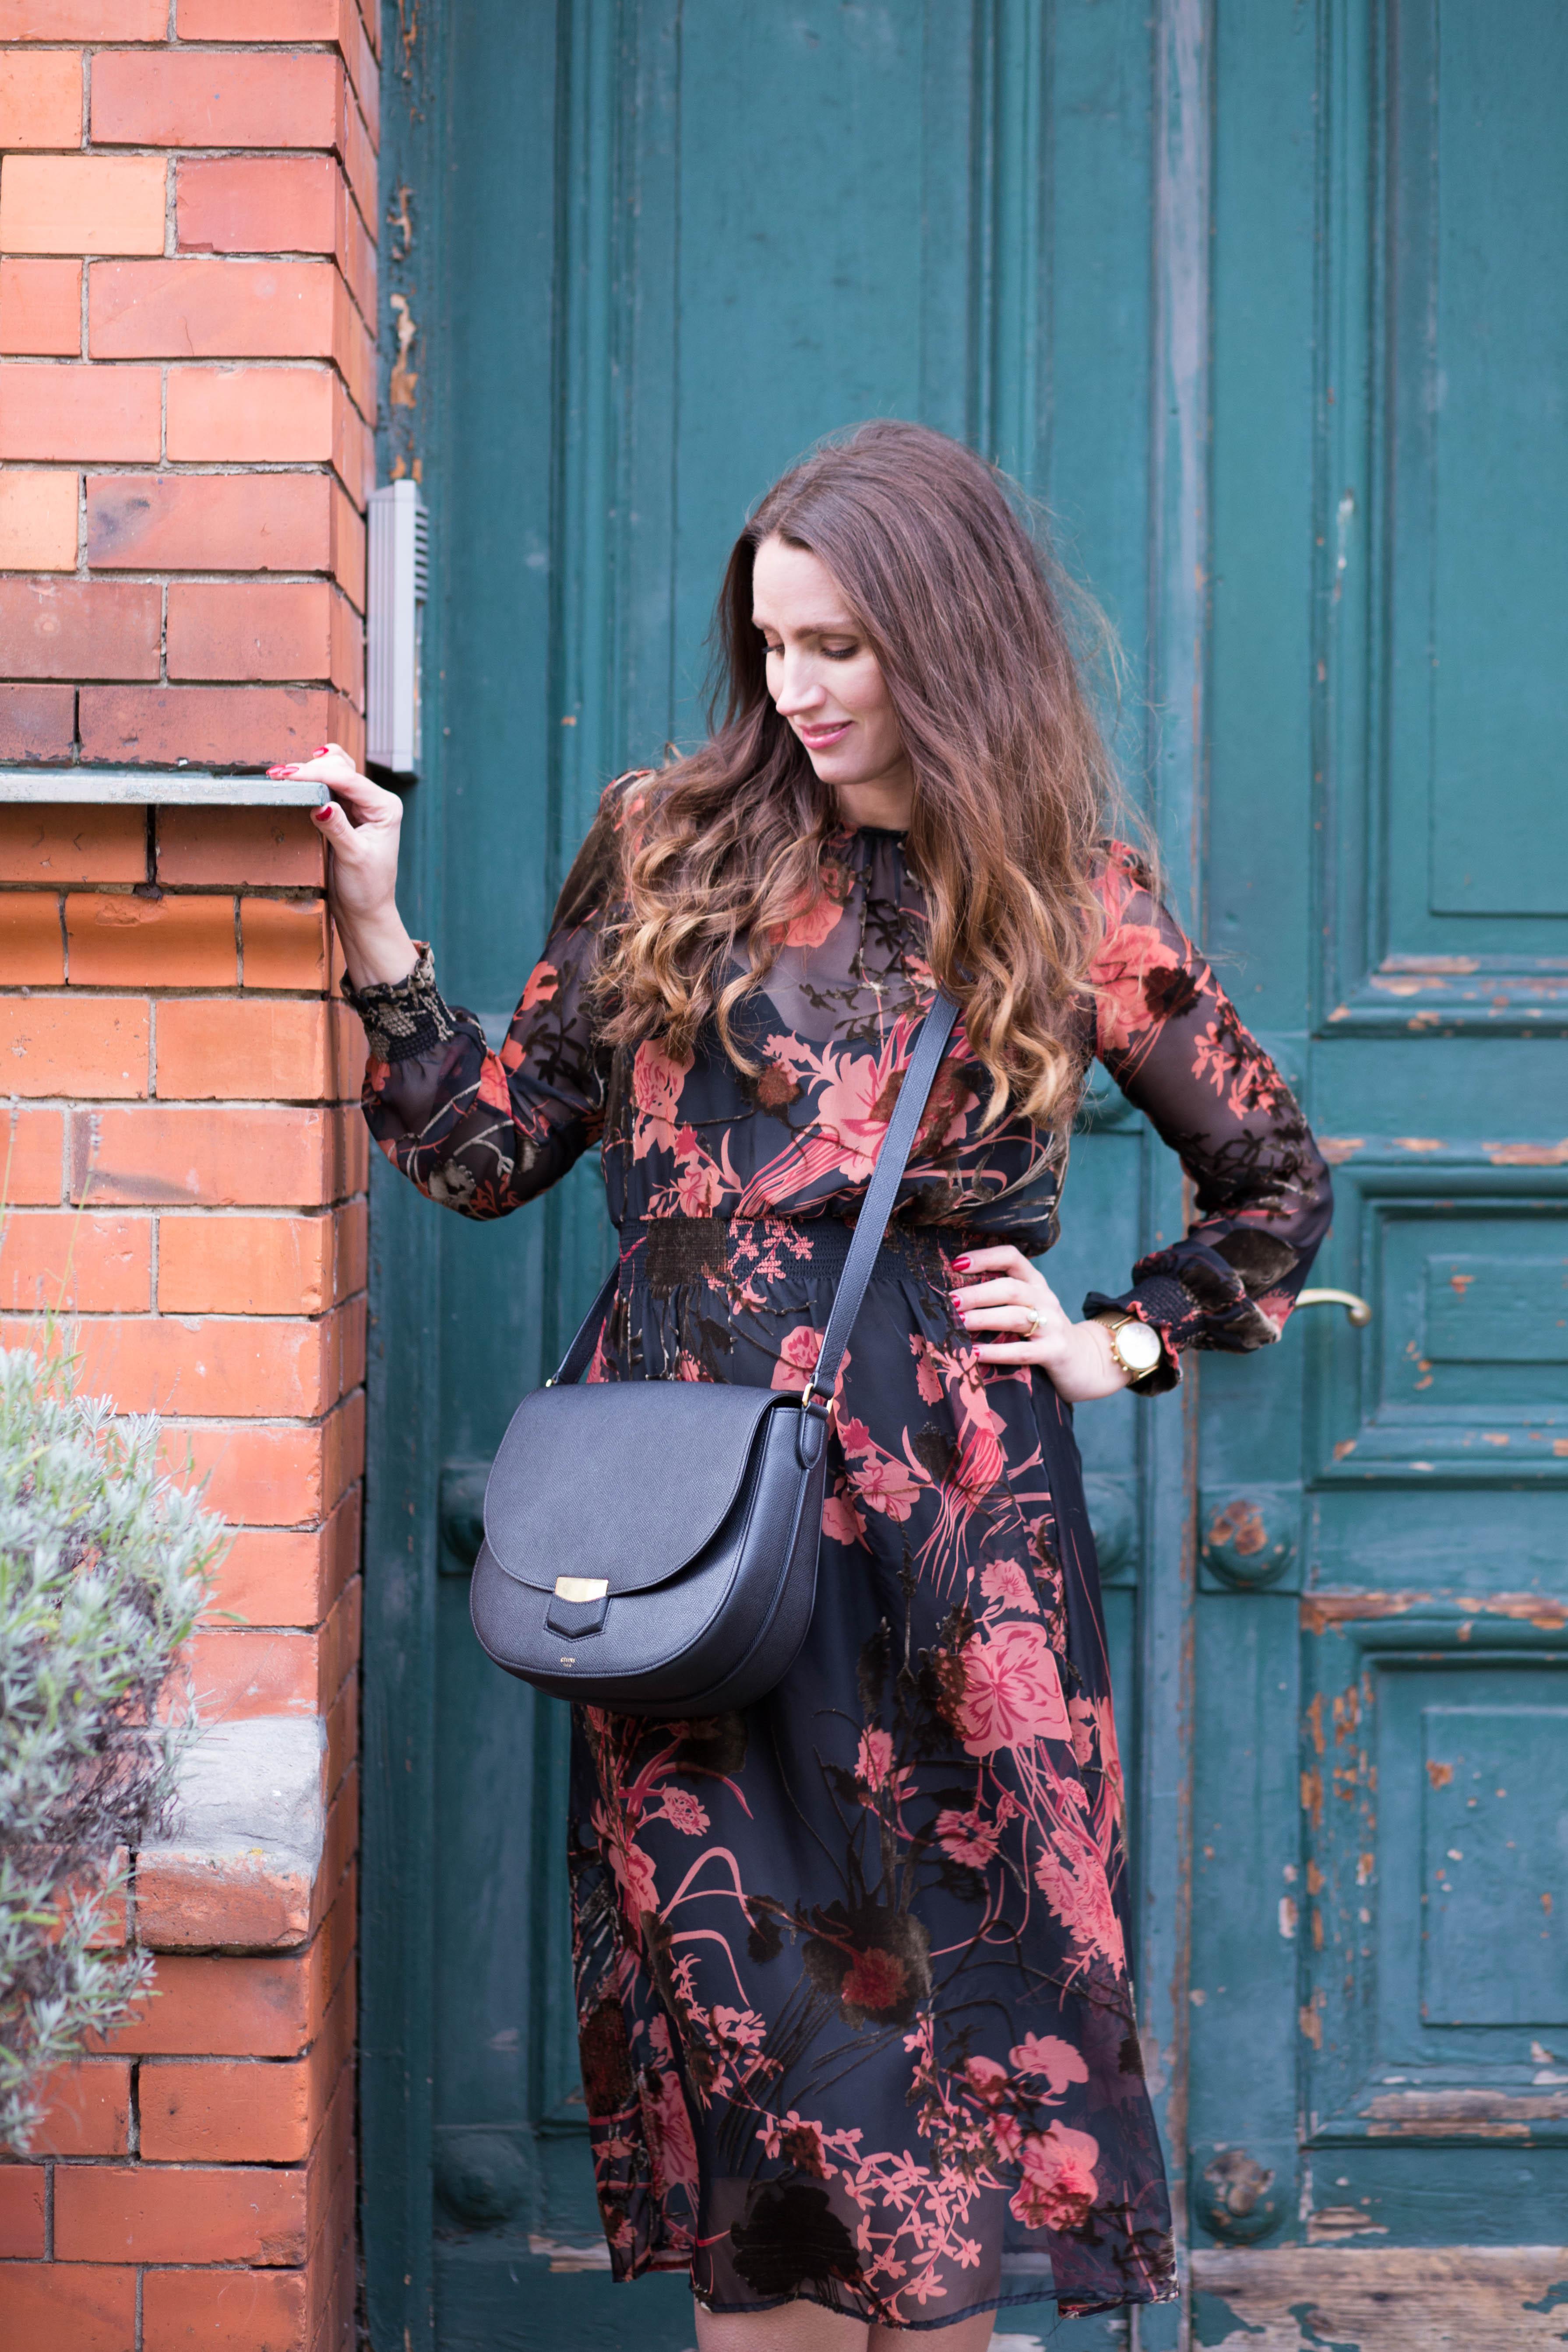 Lookbook: Modern floral midi dress